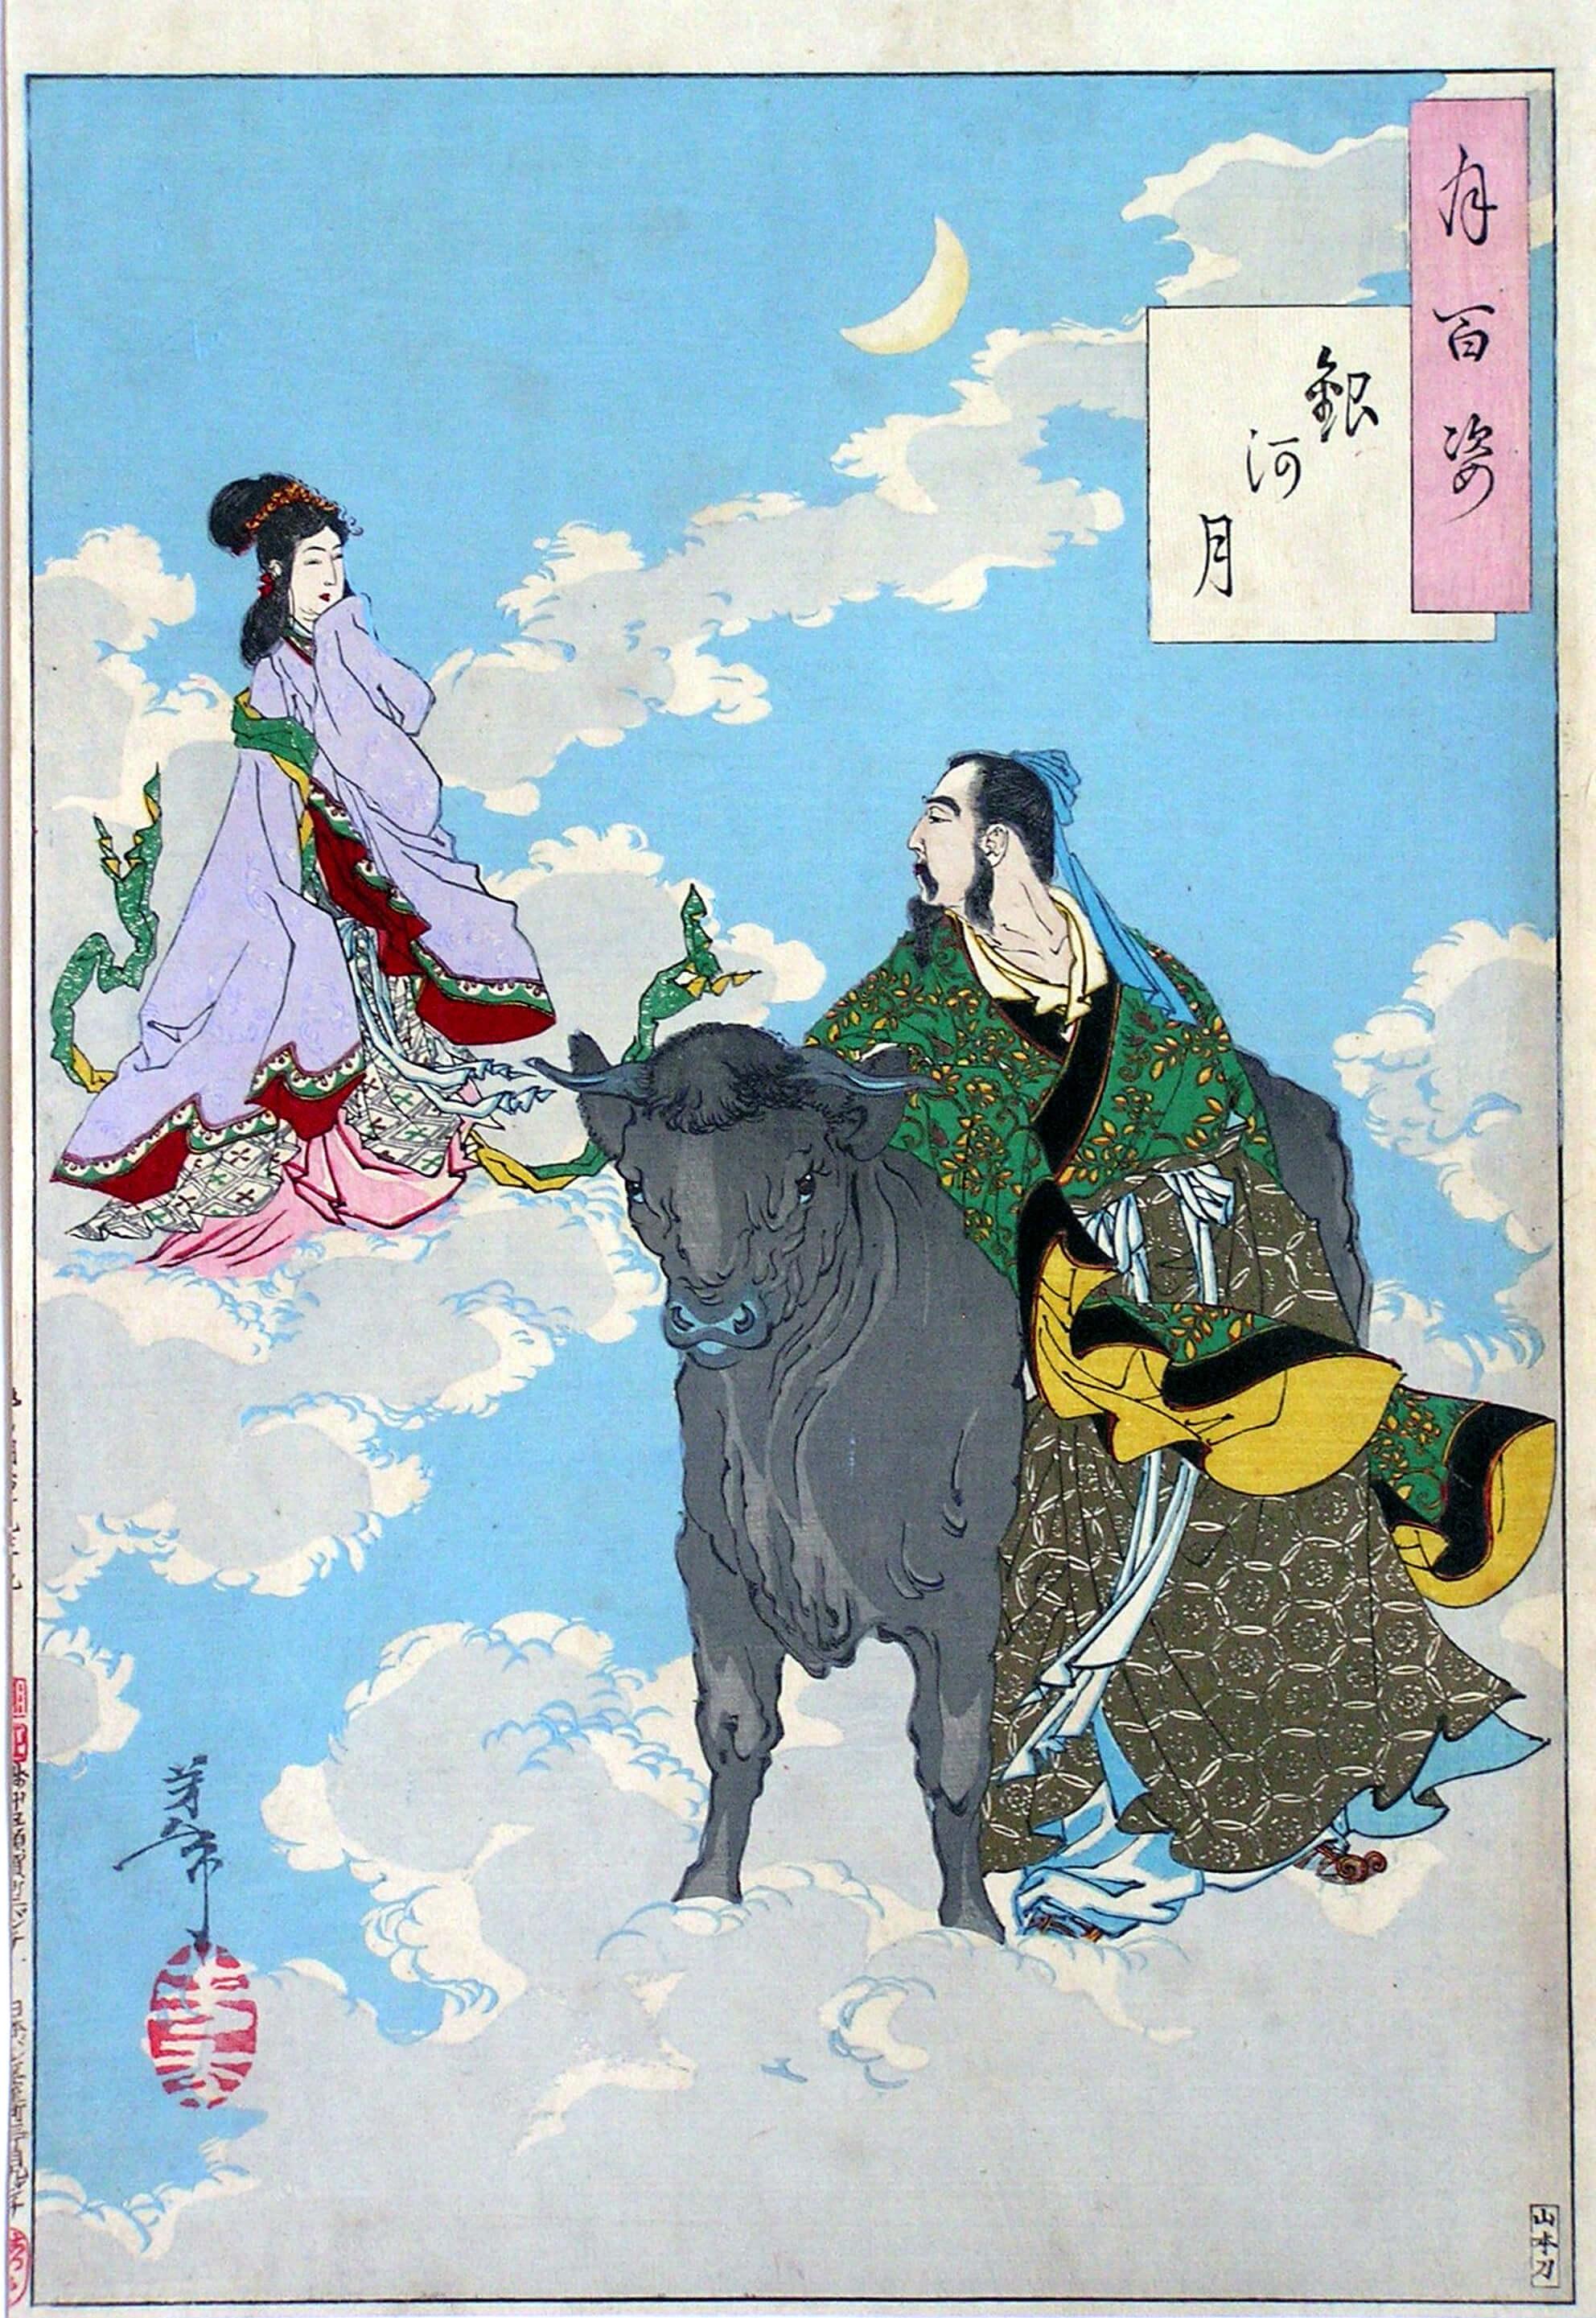 représentation de Qixi (Tanabata pour les japonais)-2.jpg